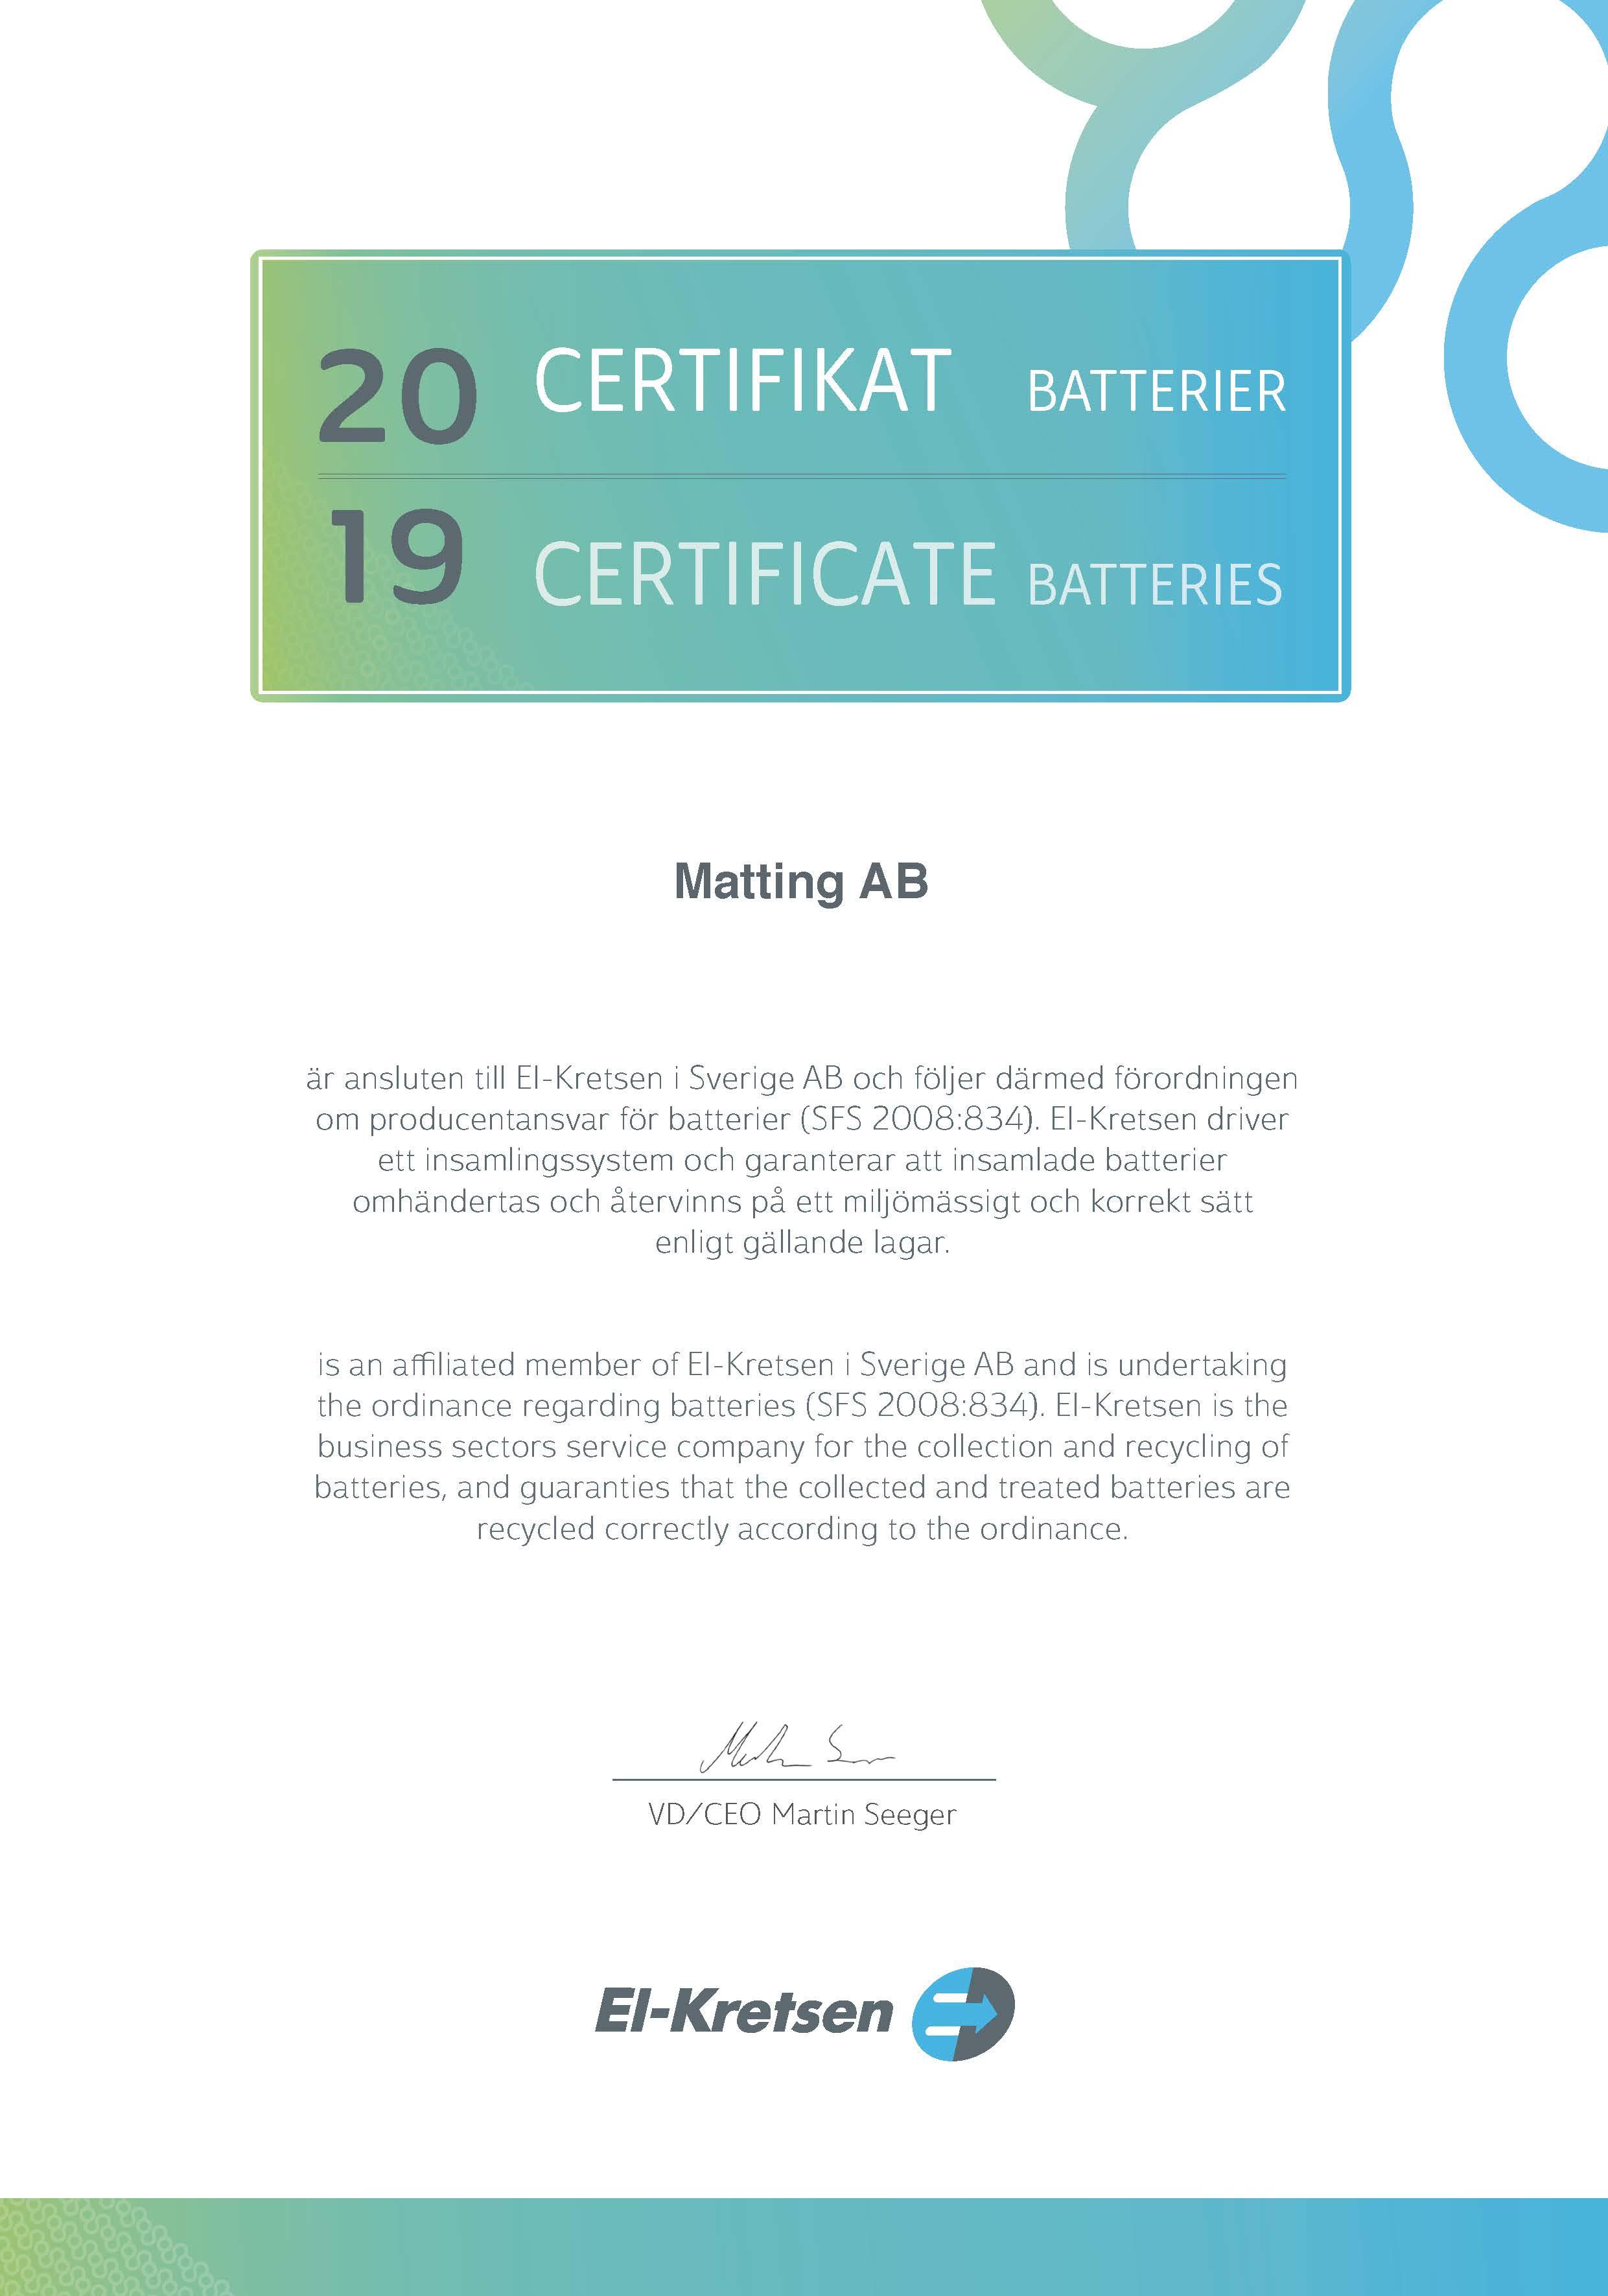 Certifikat batterier